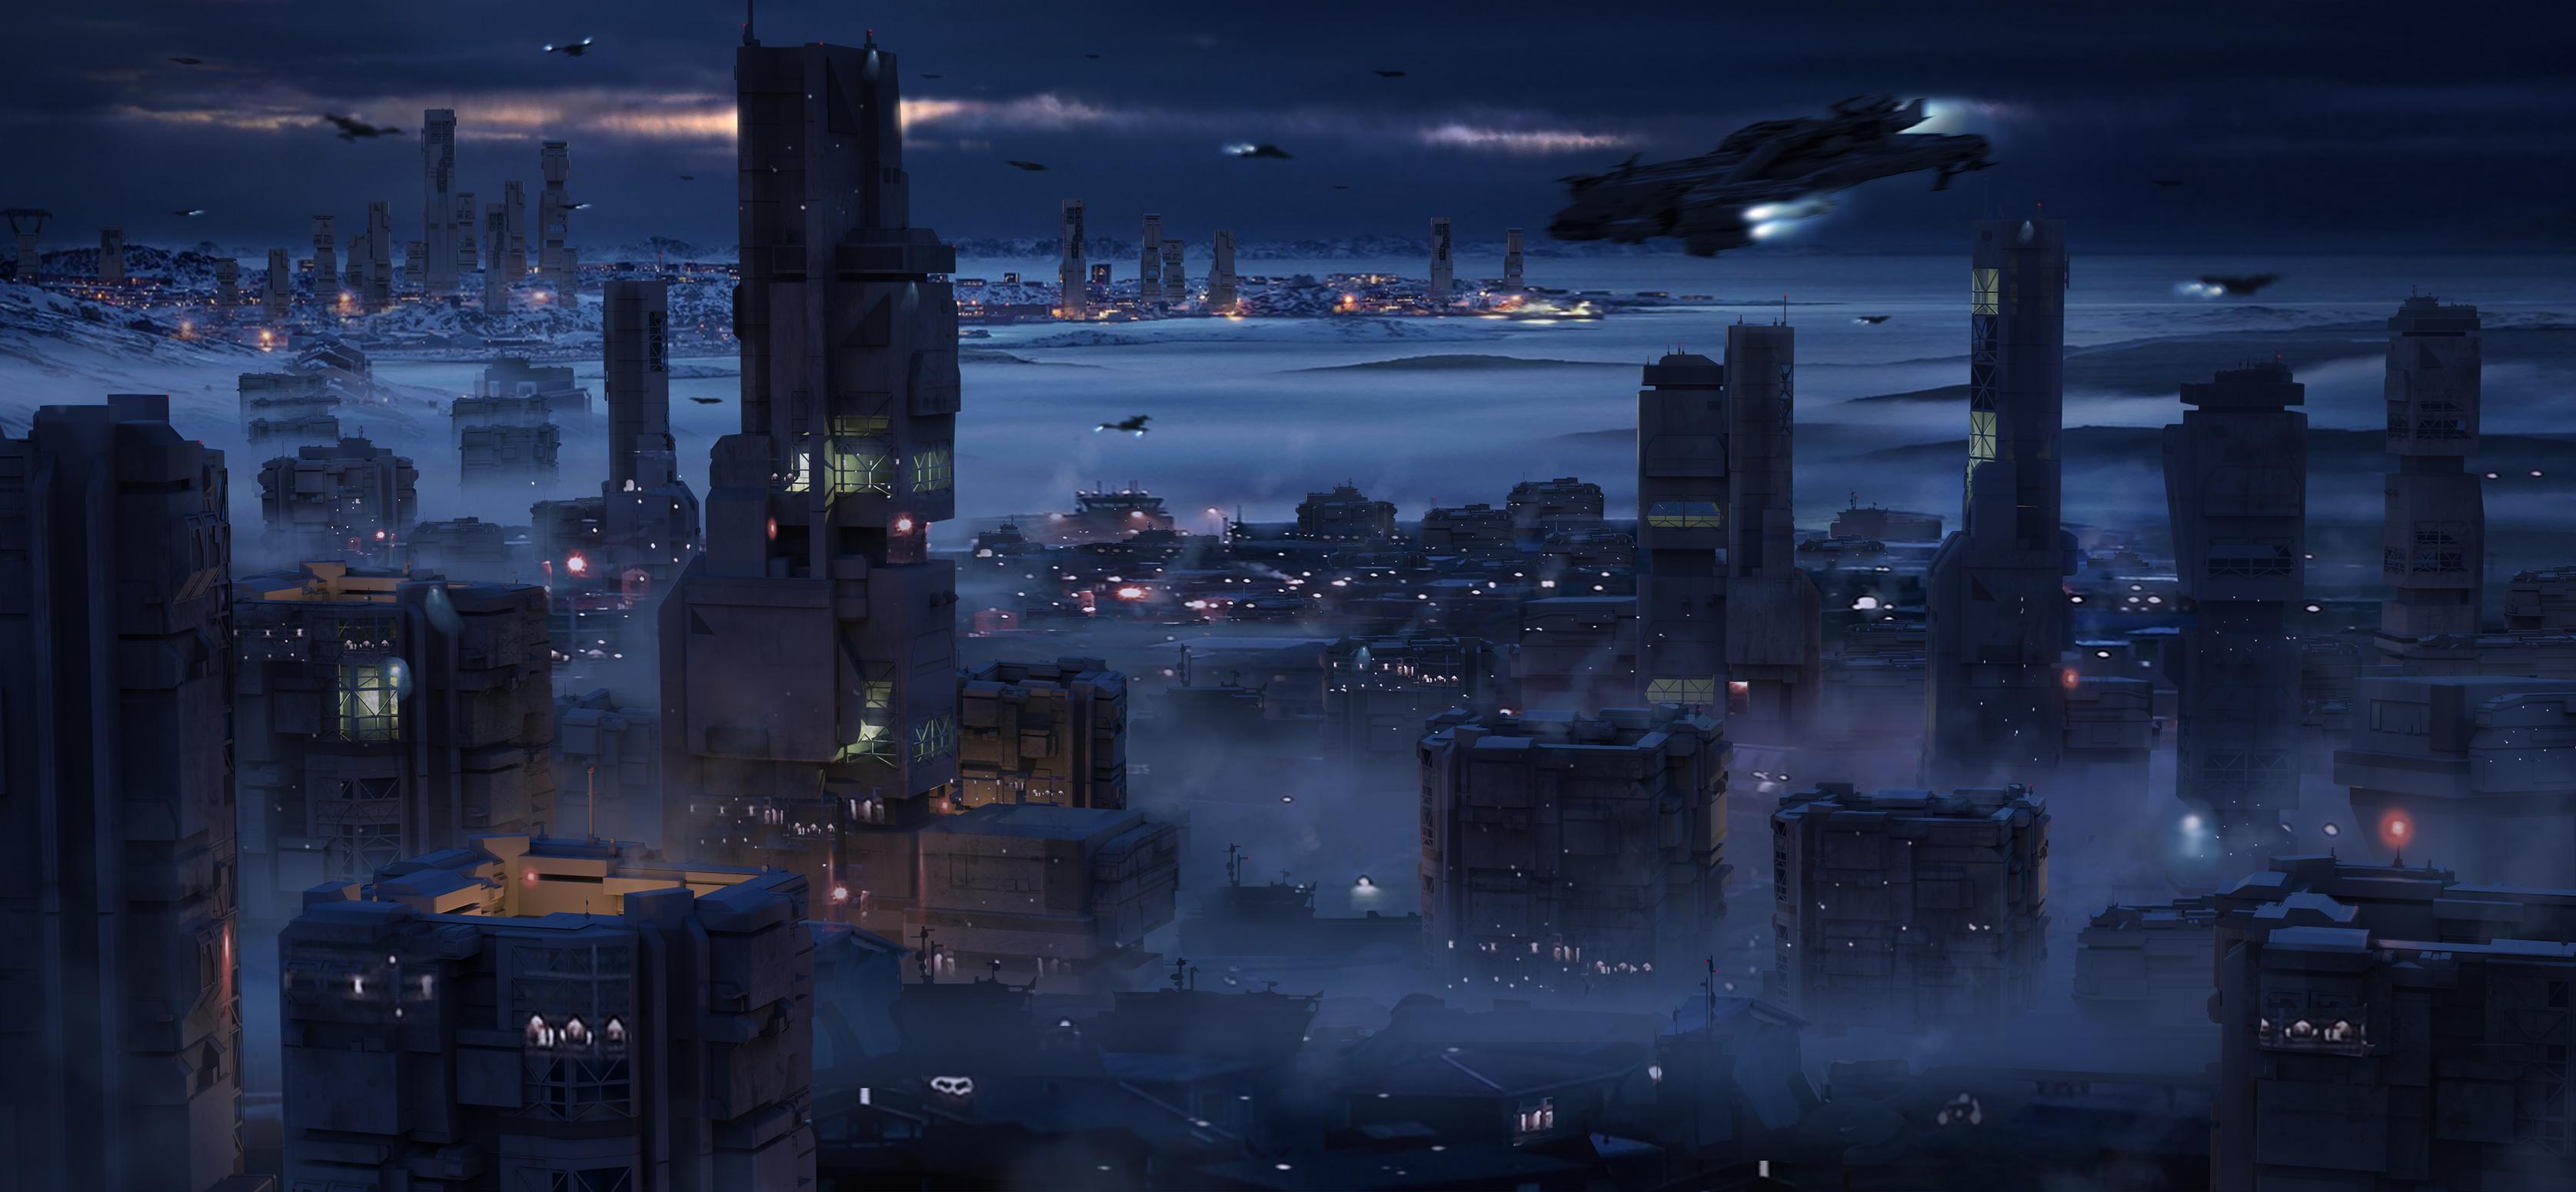 Ergo floating city